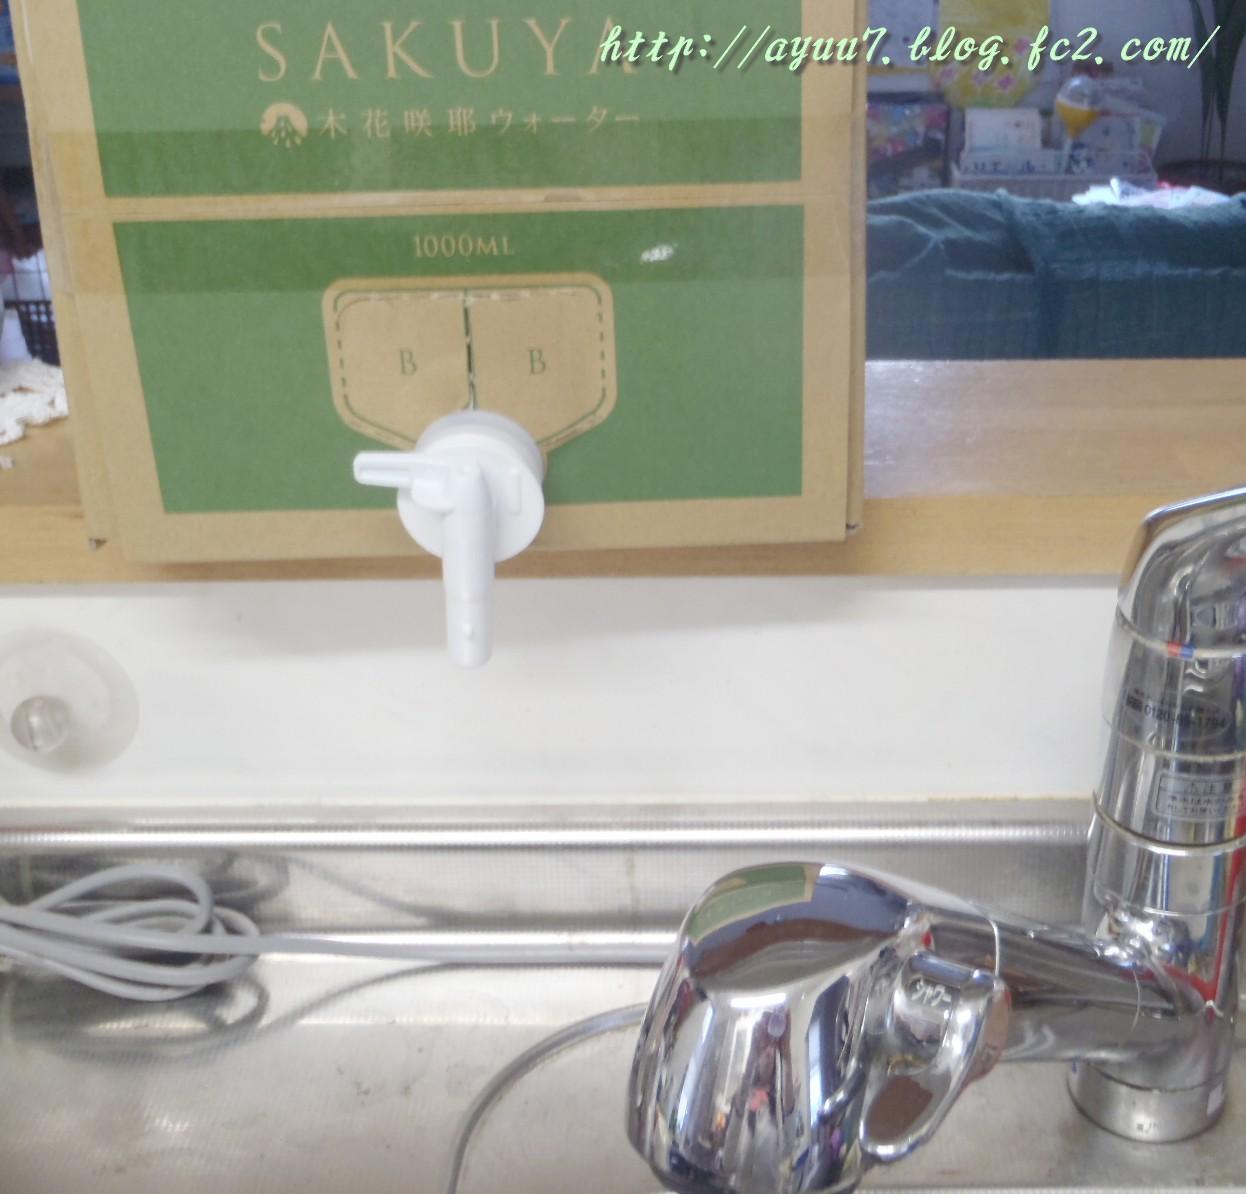 sakuya8.jpg